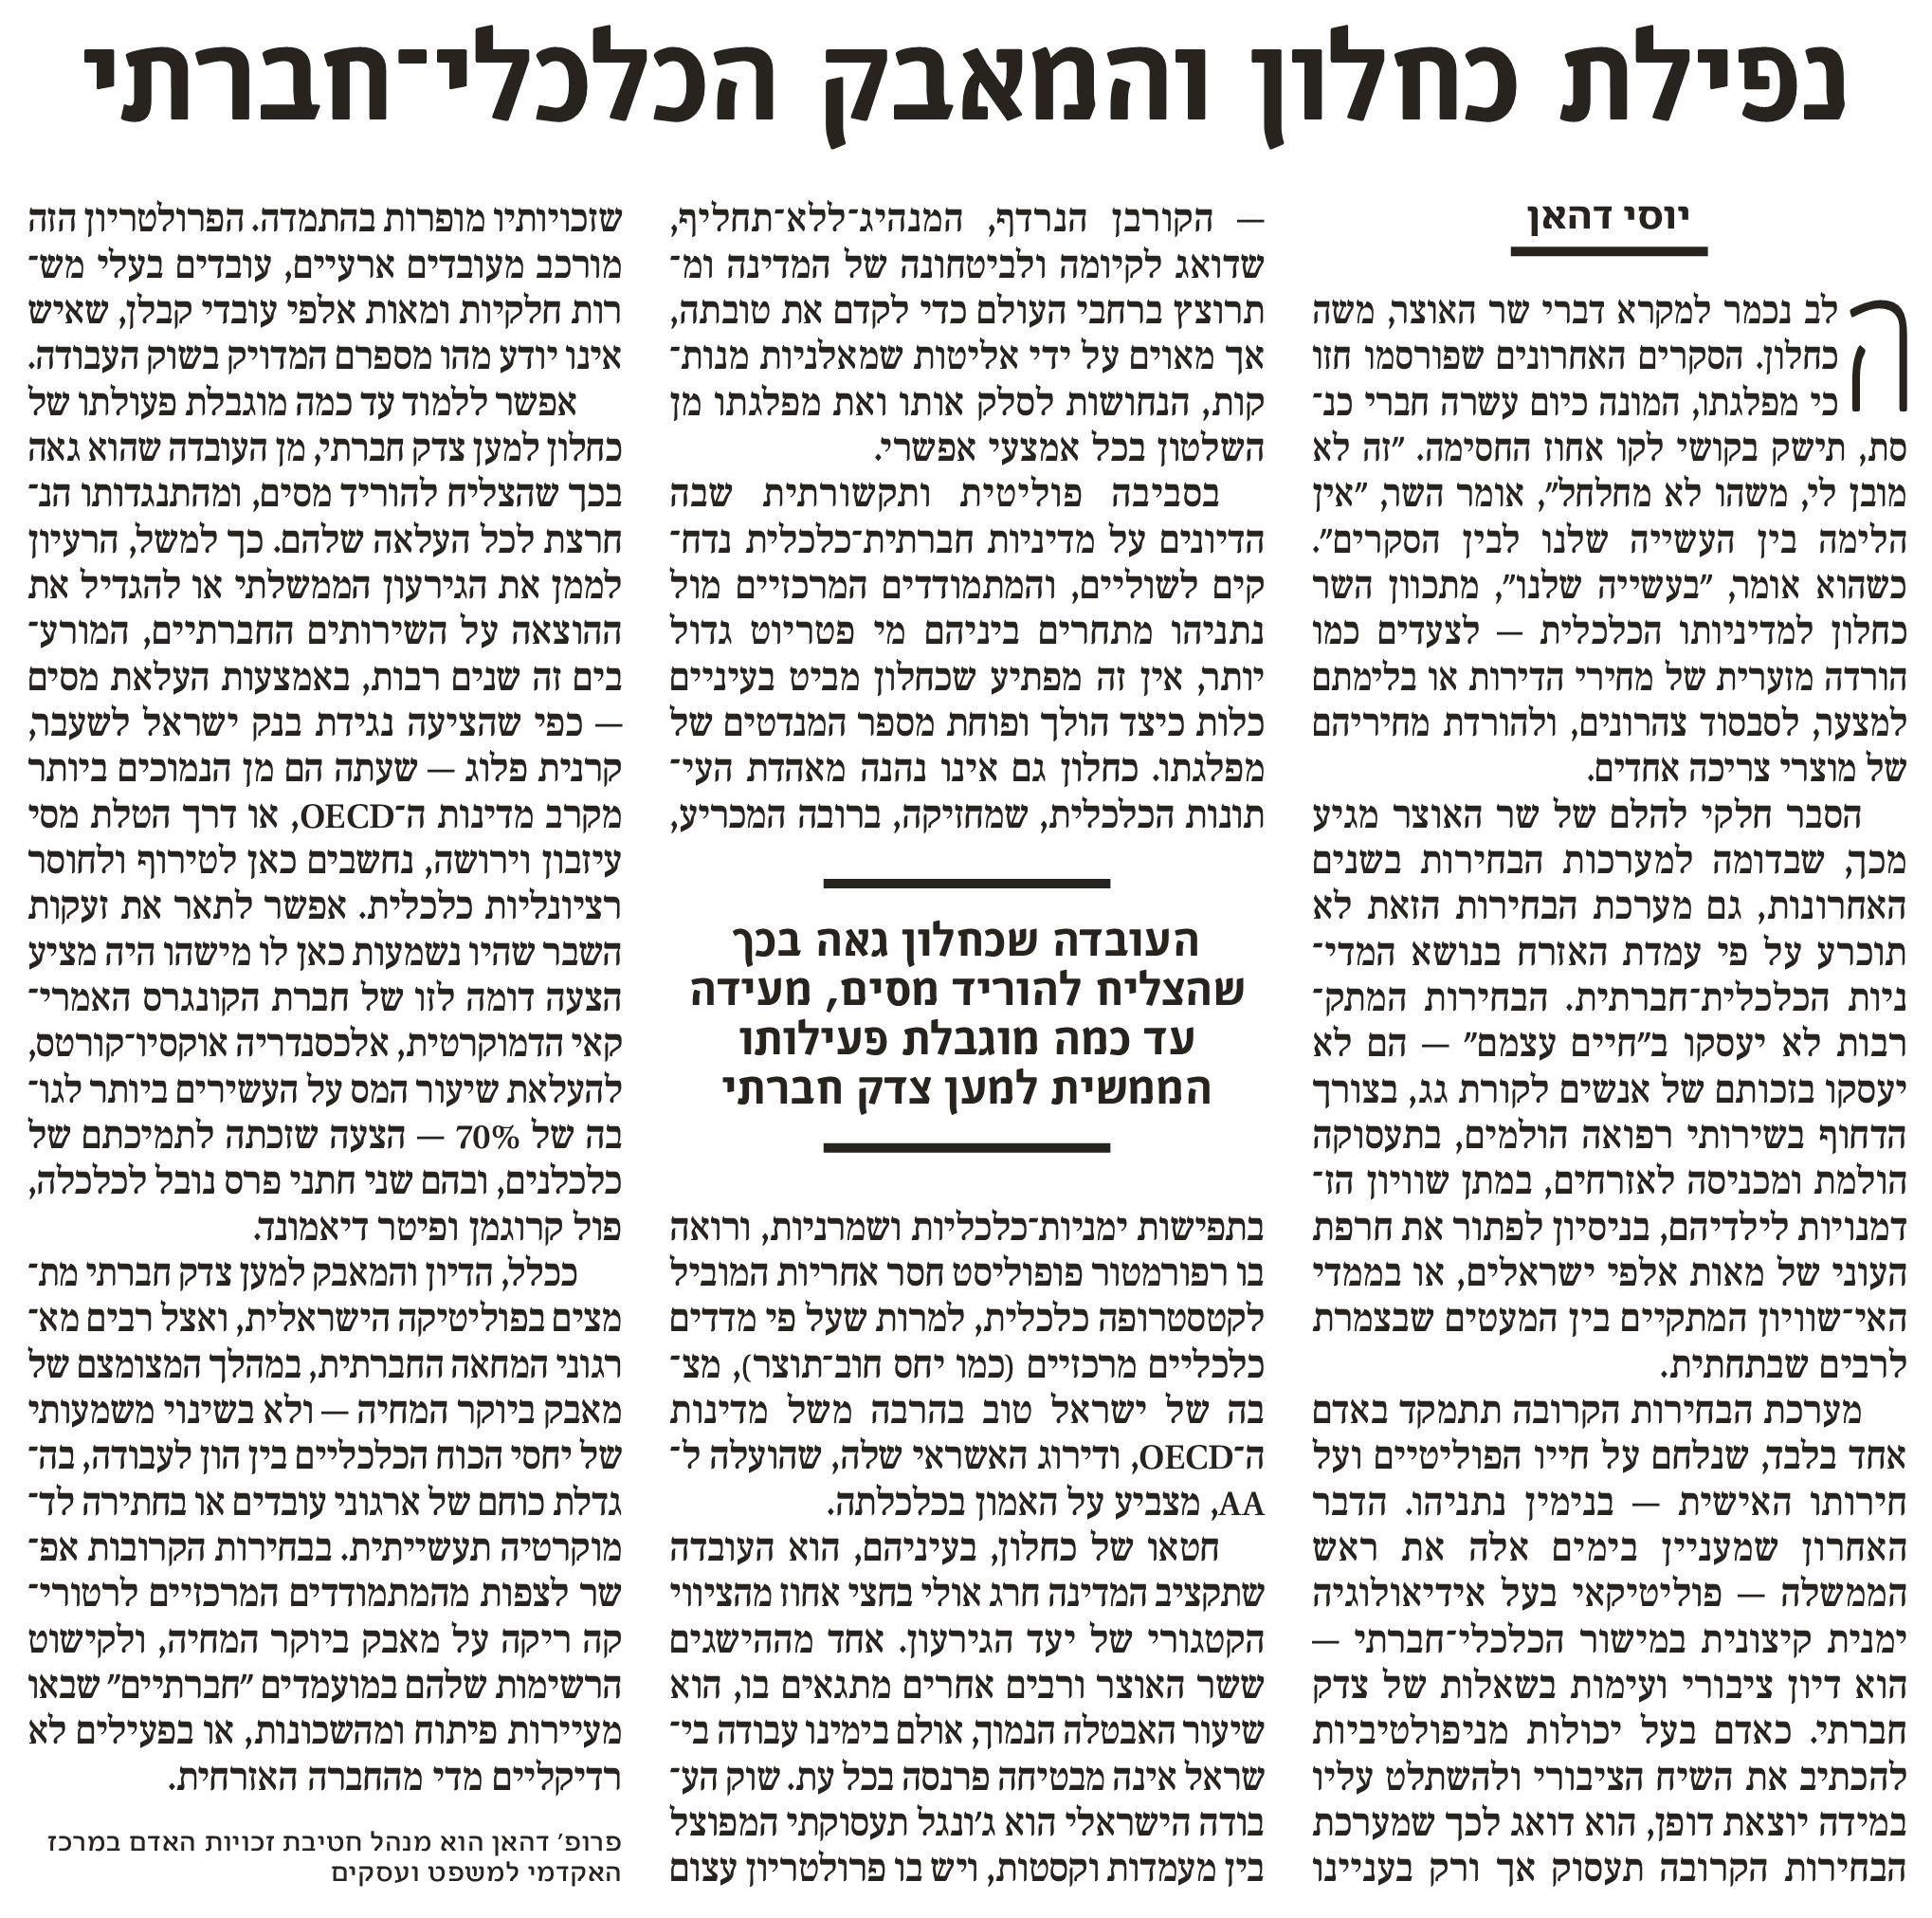 מאר של פרופ' יוסי דהאן על הצורך להעמיק את הדיון הכלכלי חברתי במדינת ישראל